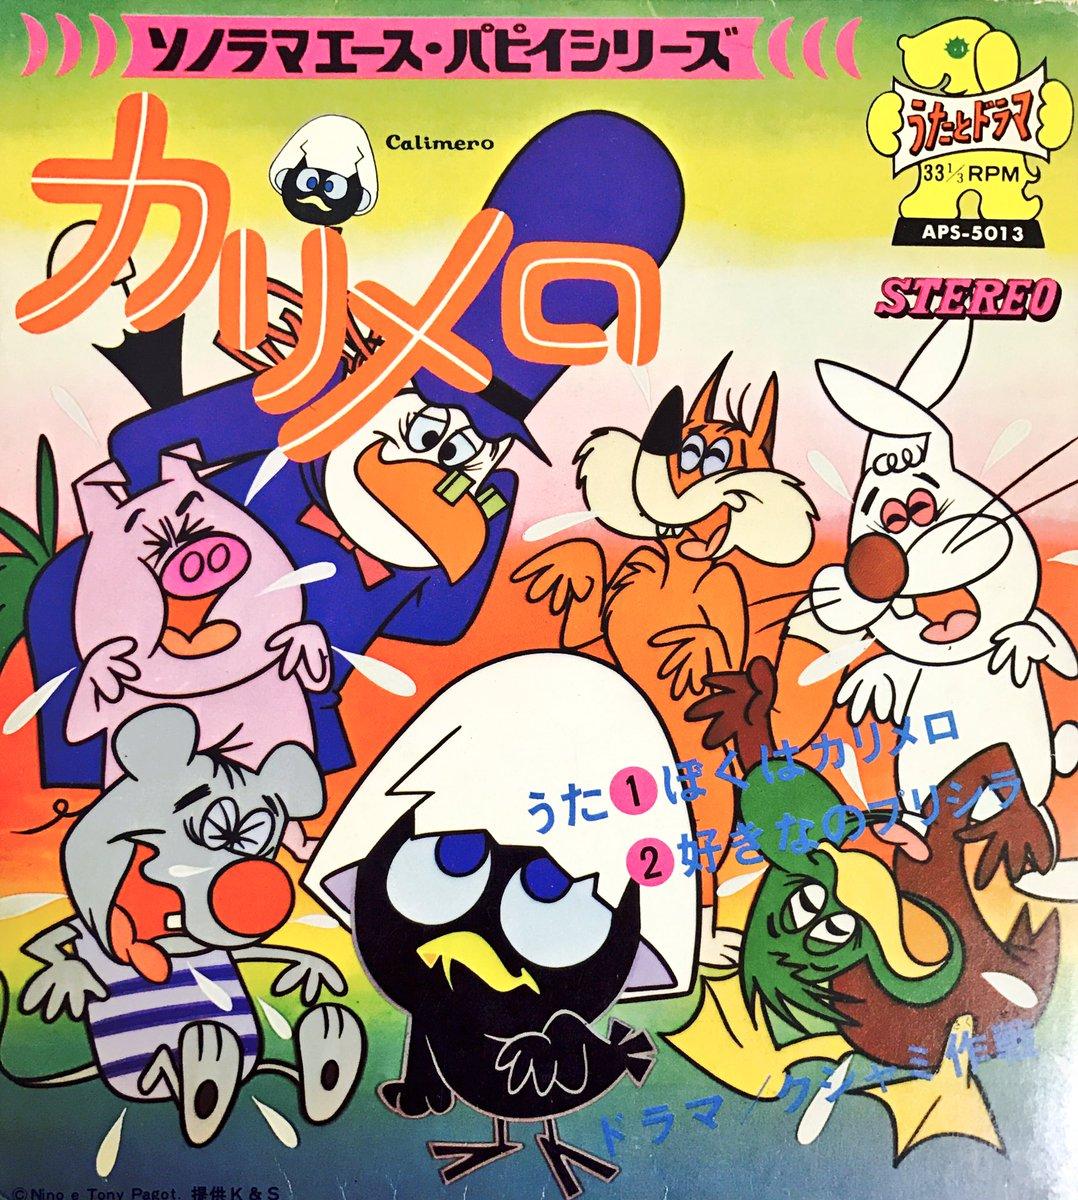 #ソノラマエースパピイシリーズ うたとドラマ #カリメロ #朝日ソノラマ #1974〜1975年